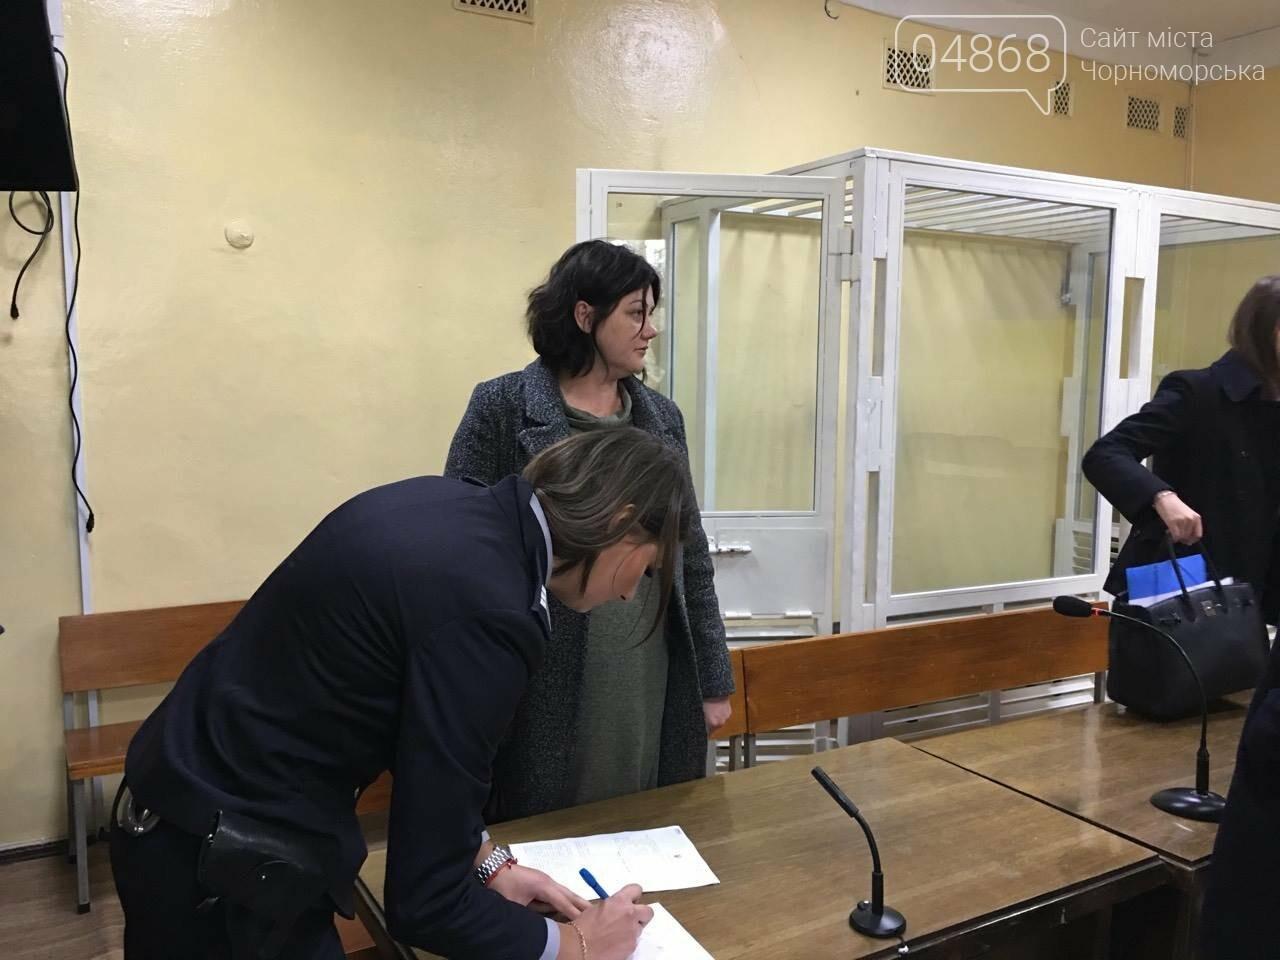 Суд вынес решение об аресте директора СК «ДИАМАНТ», фото-2